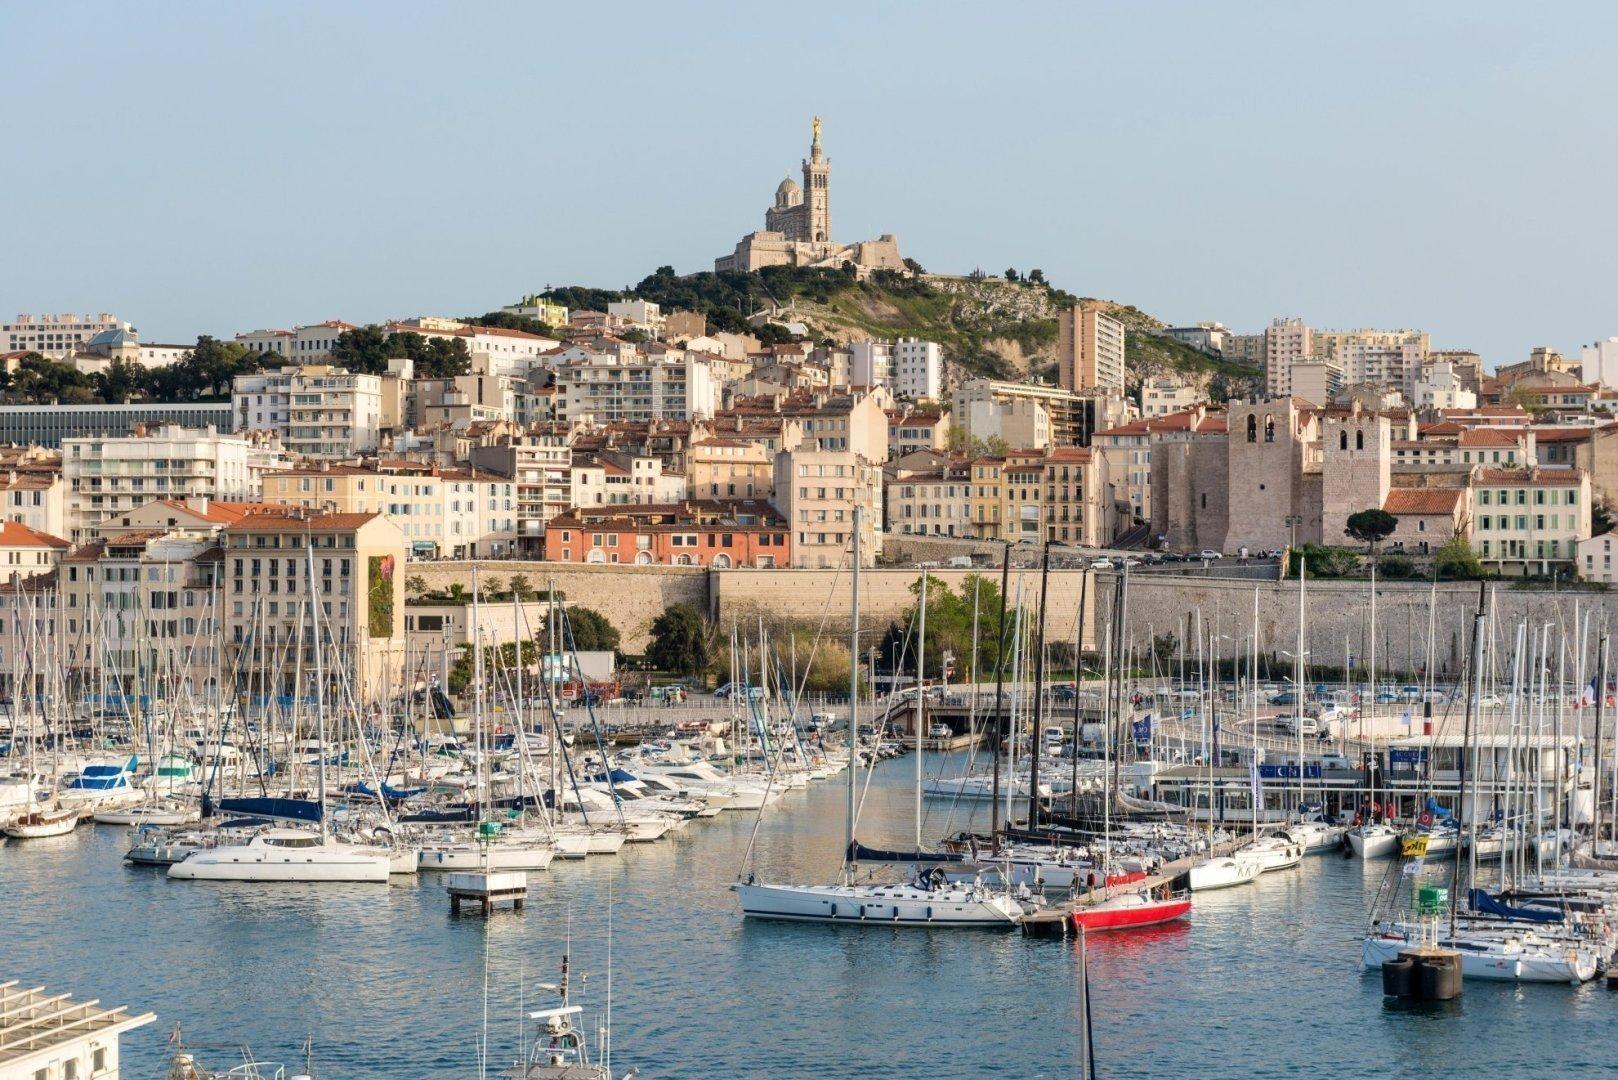 Basilique Notre-Dame de la Garde, Old Port of Marseille harbour (Vieux Port), Marseille, Bouches-du-Rhone, Provence, France